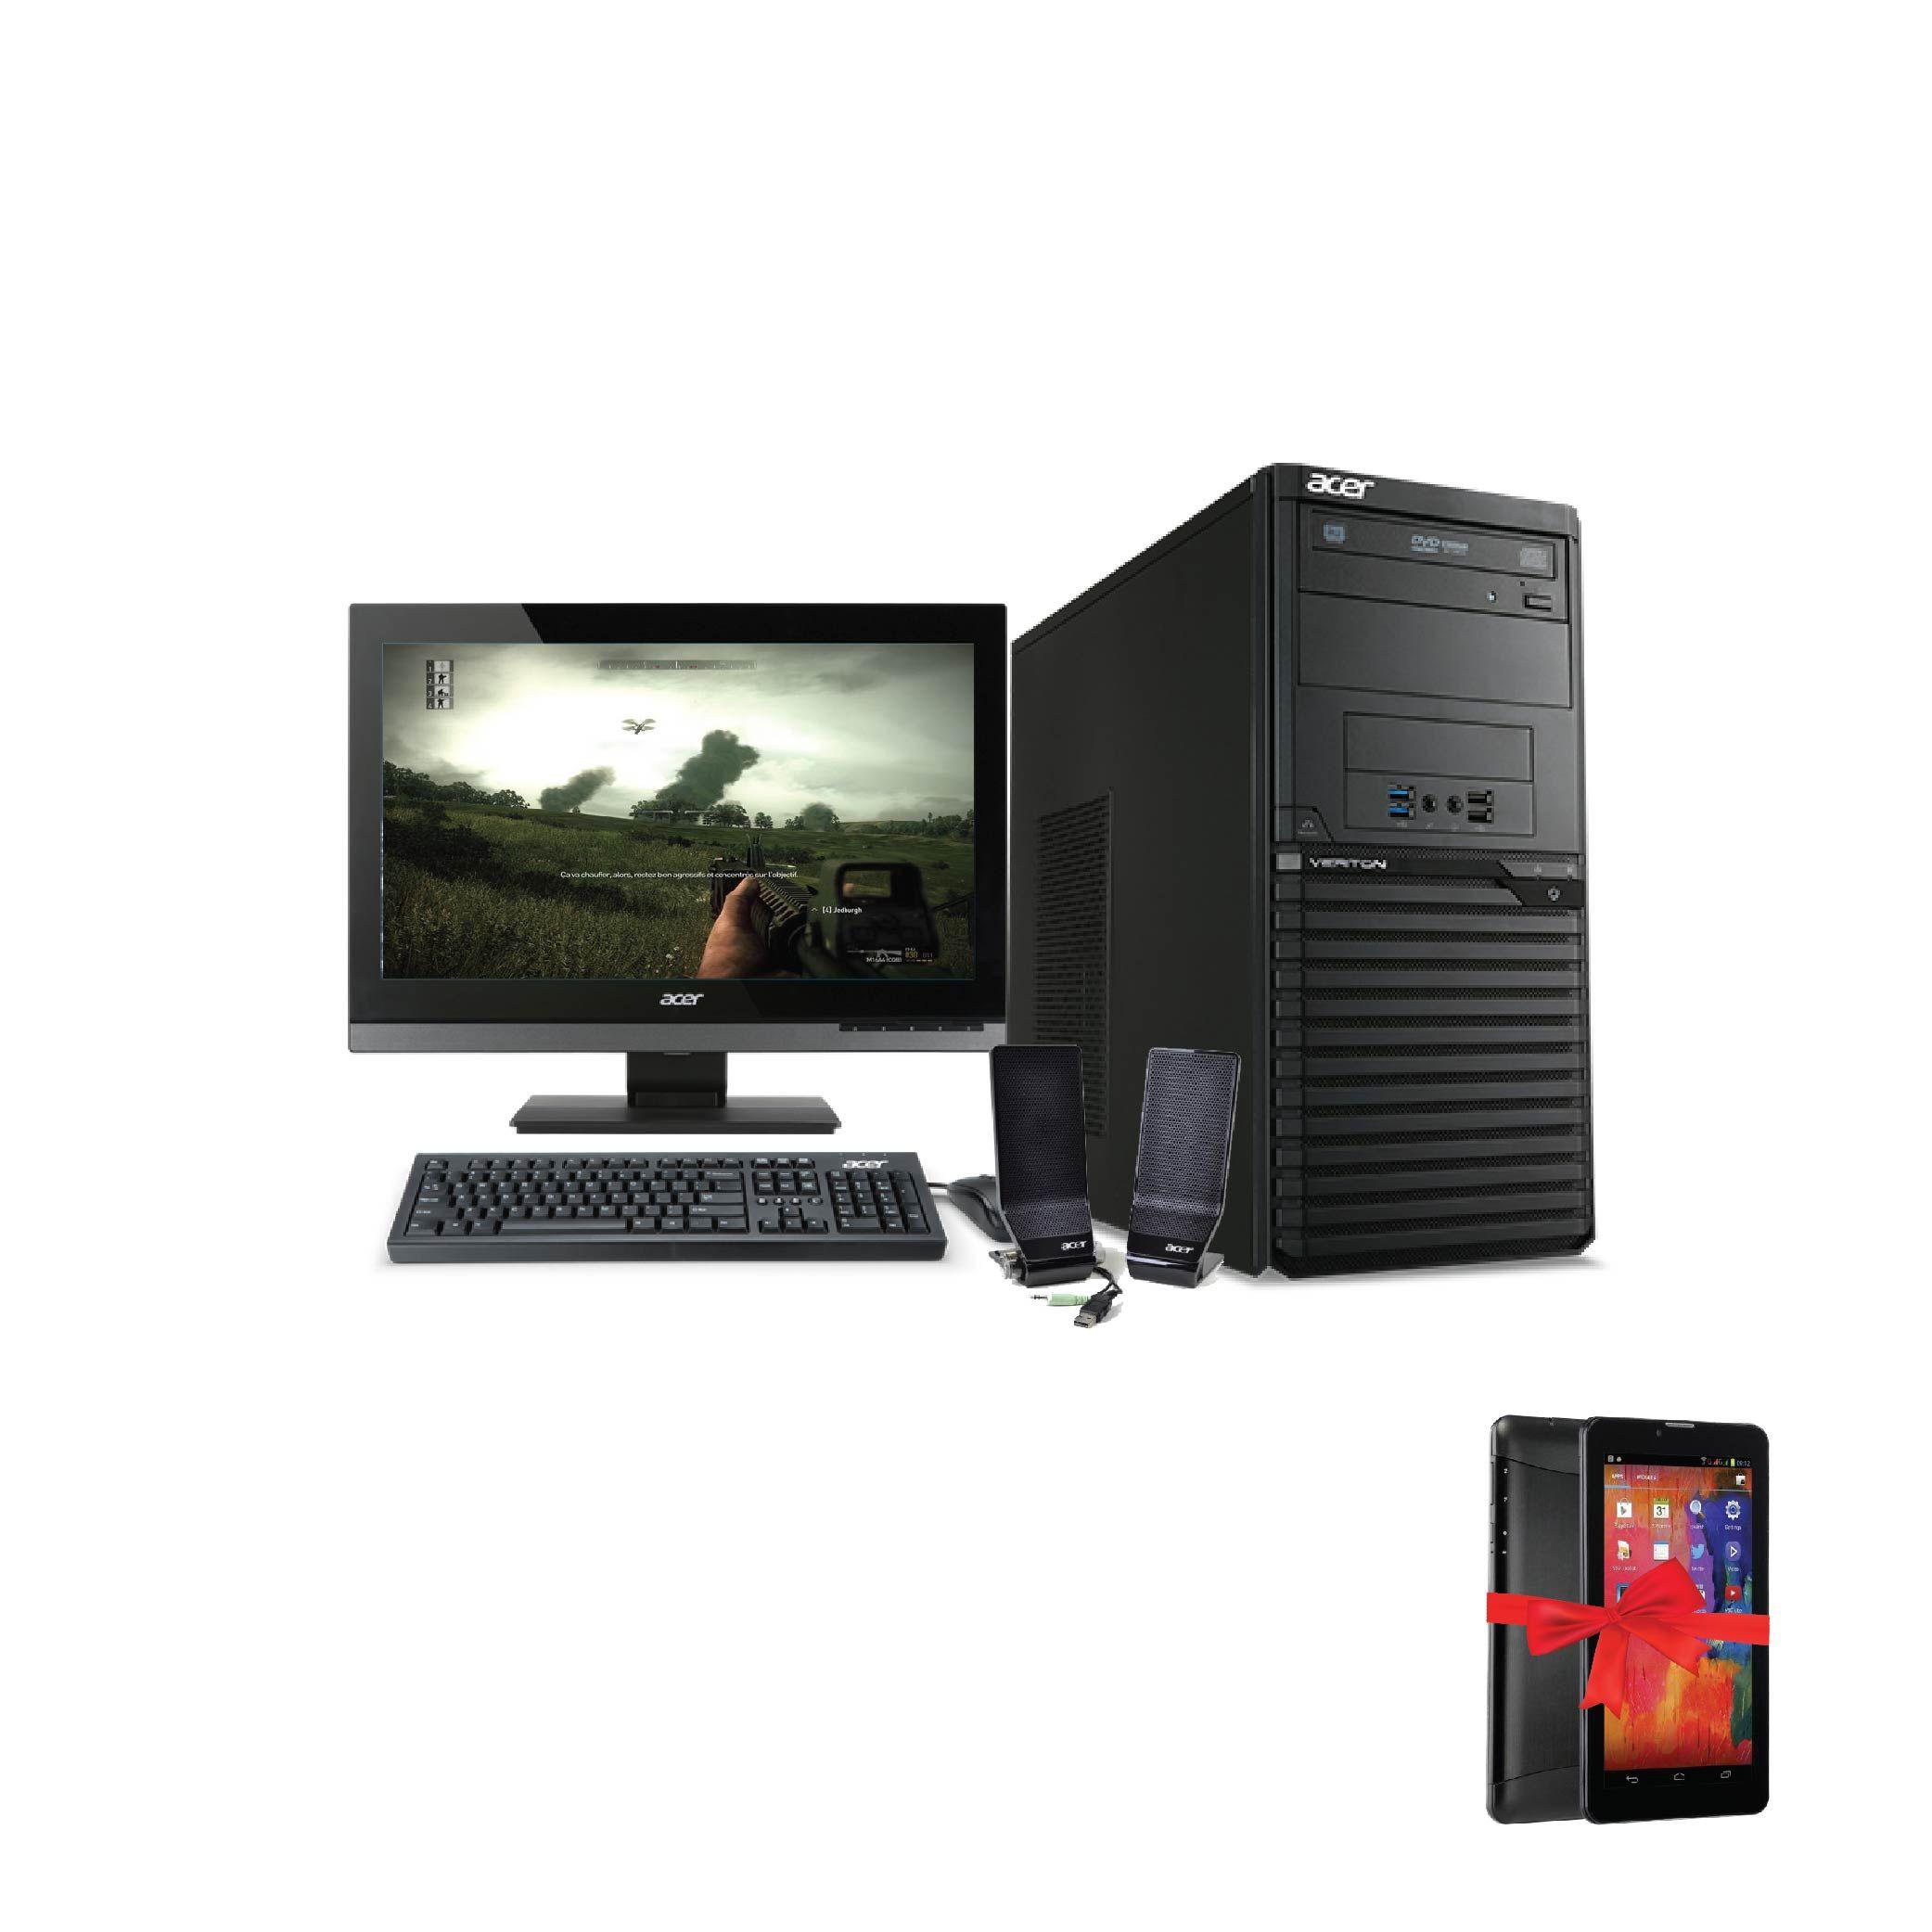 Lordinateur de bureau Acer le moins cher en Tunisie est